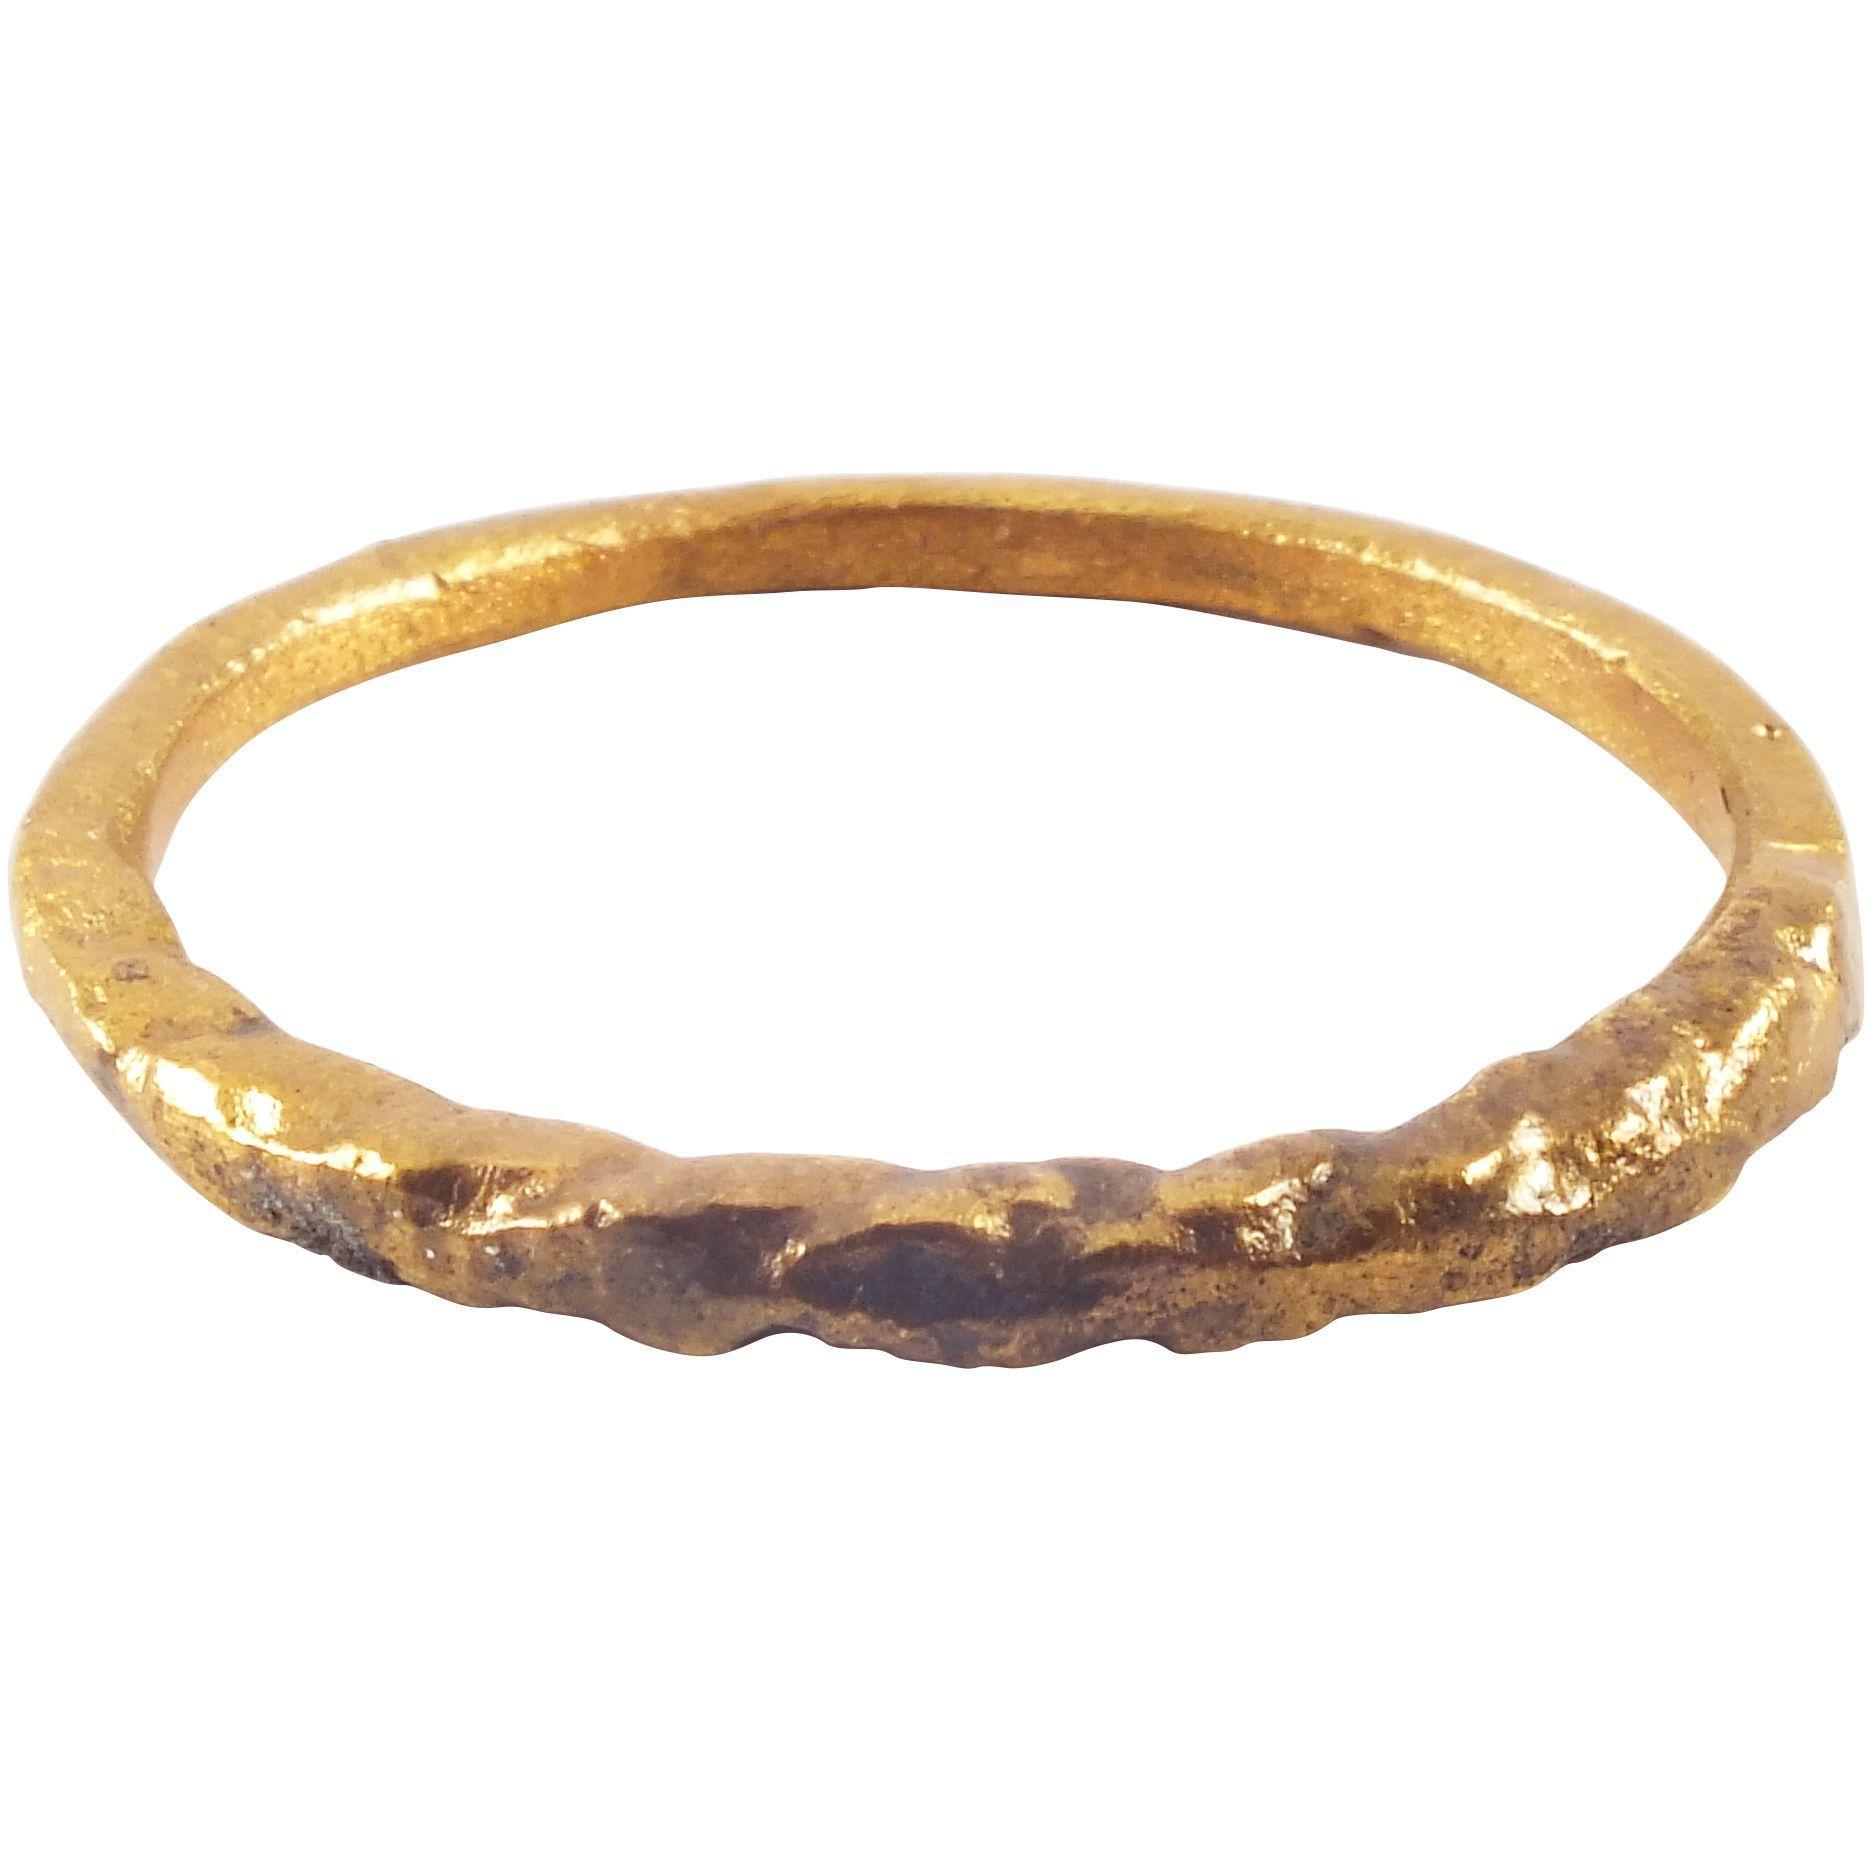 Viking twist motif ring c.8501050 ad size 11 ½ Vikings